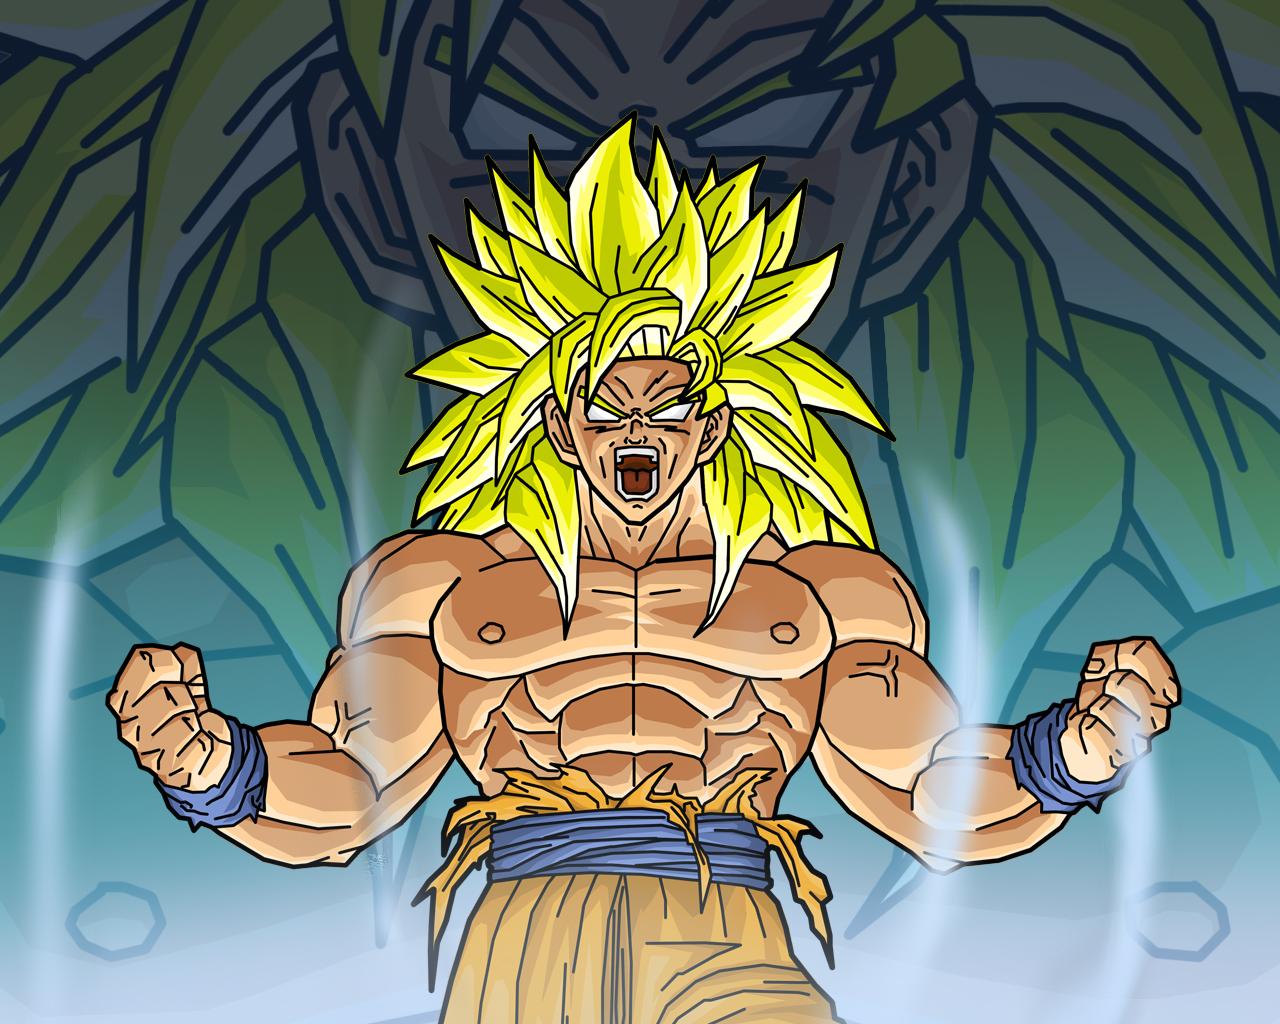 Goku, Legendary ssj by alessandelpho